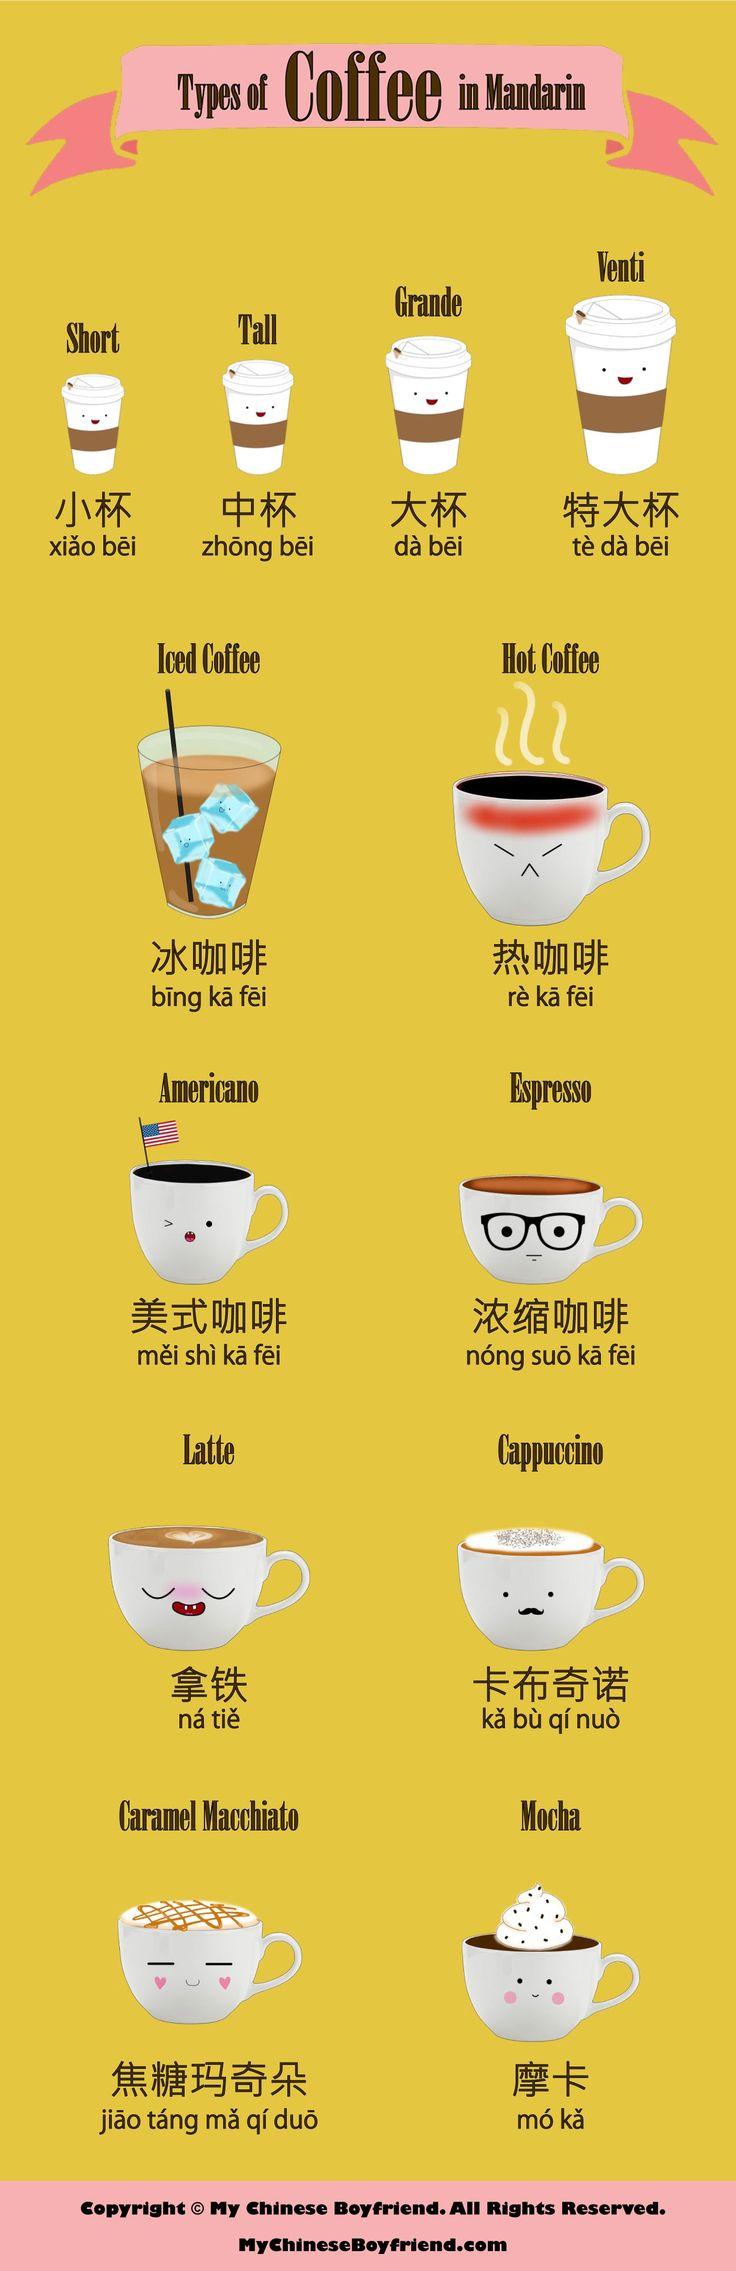 how to say beautiful in mandarin